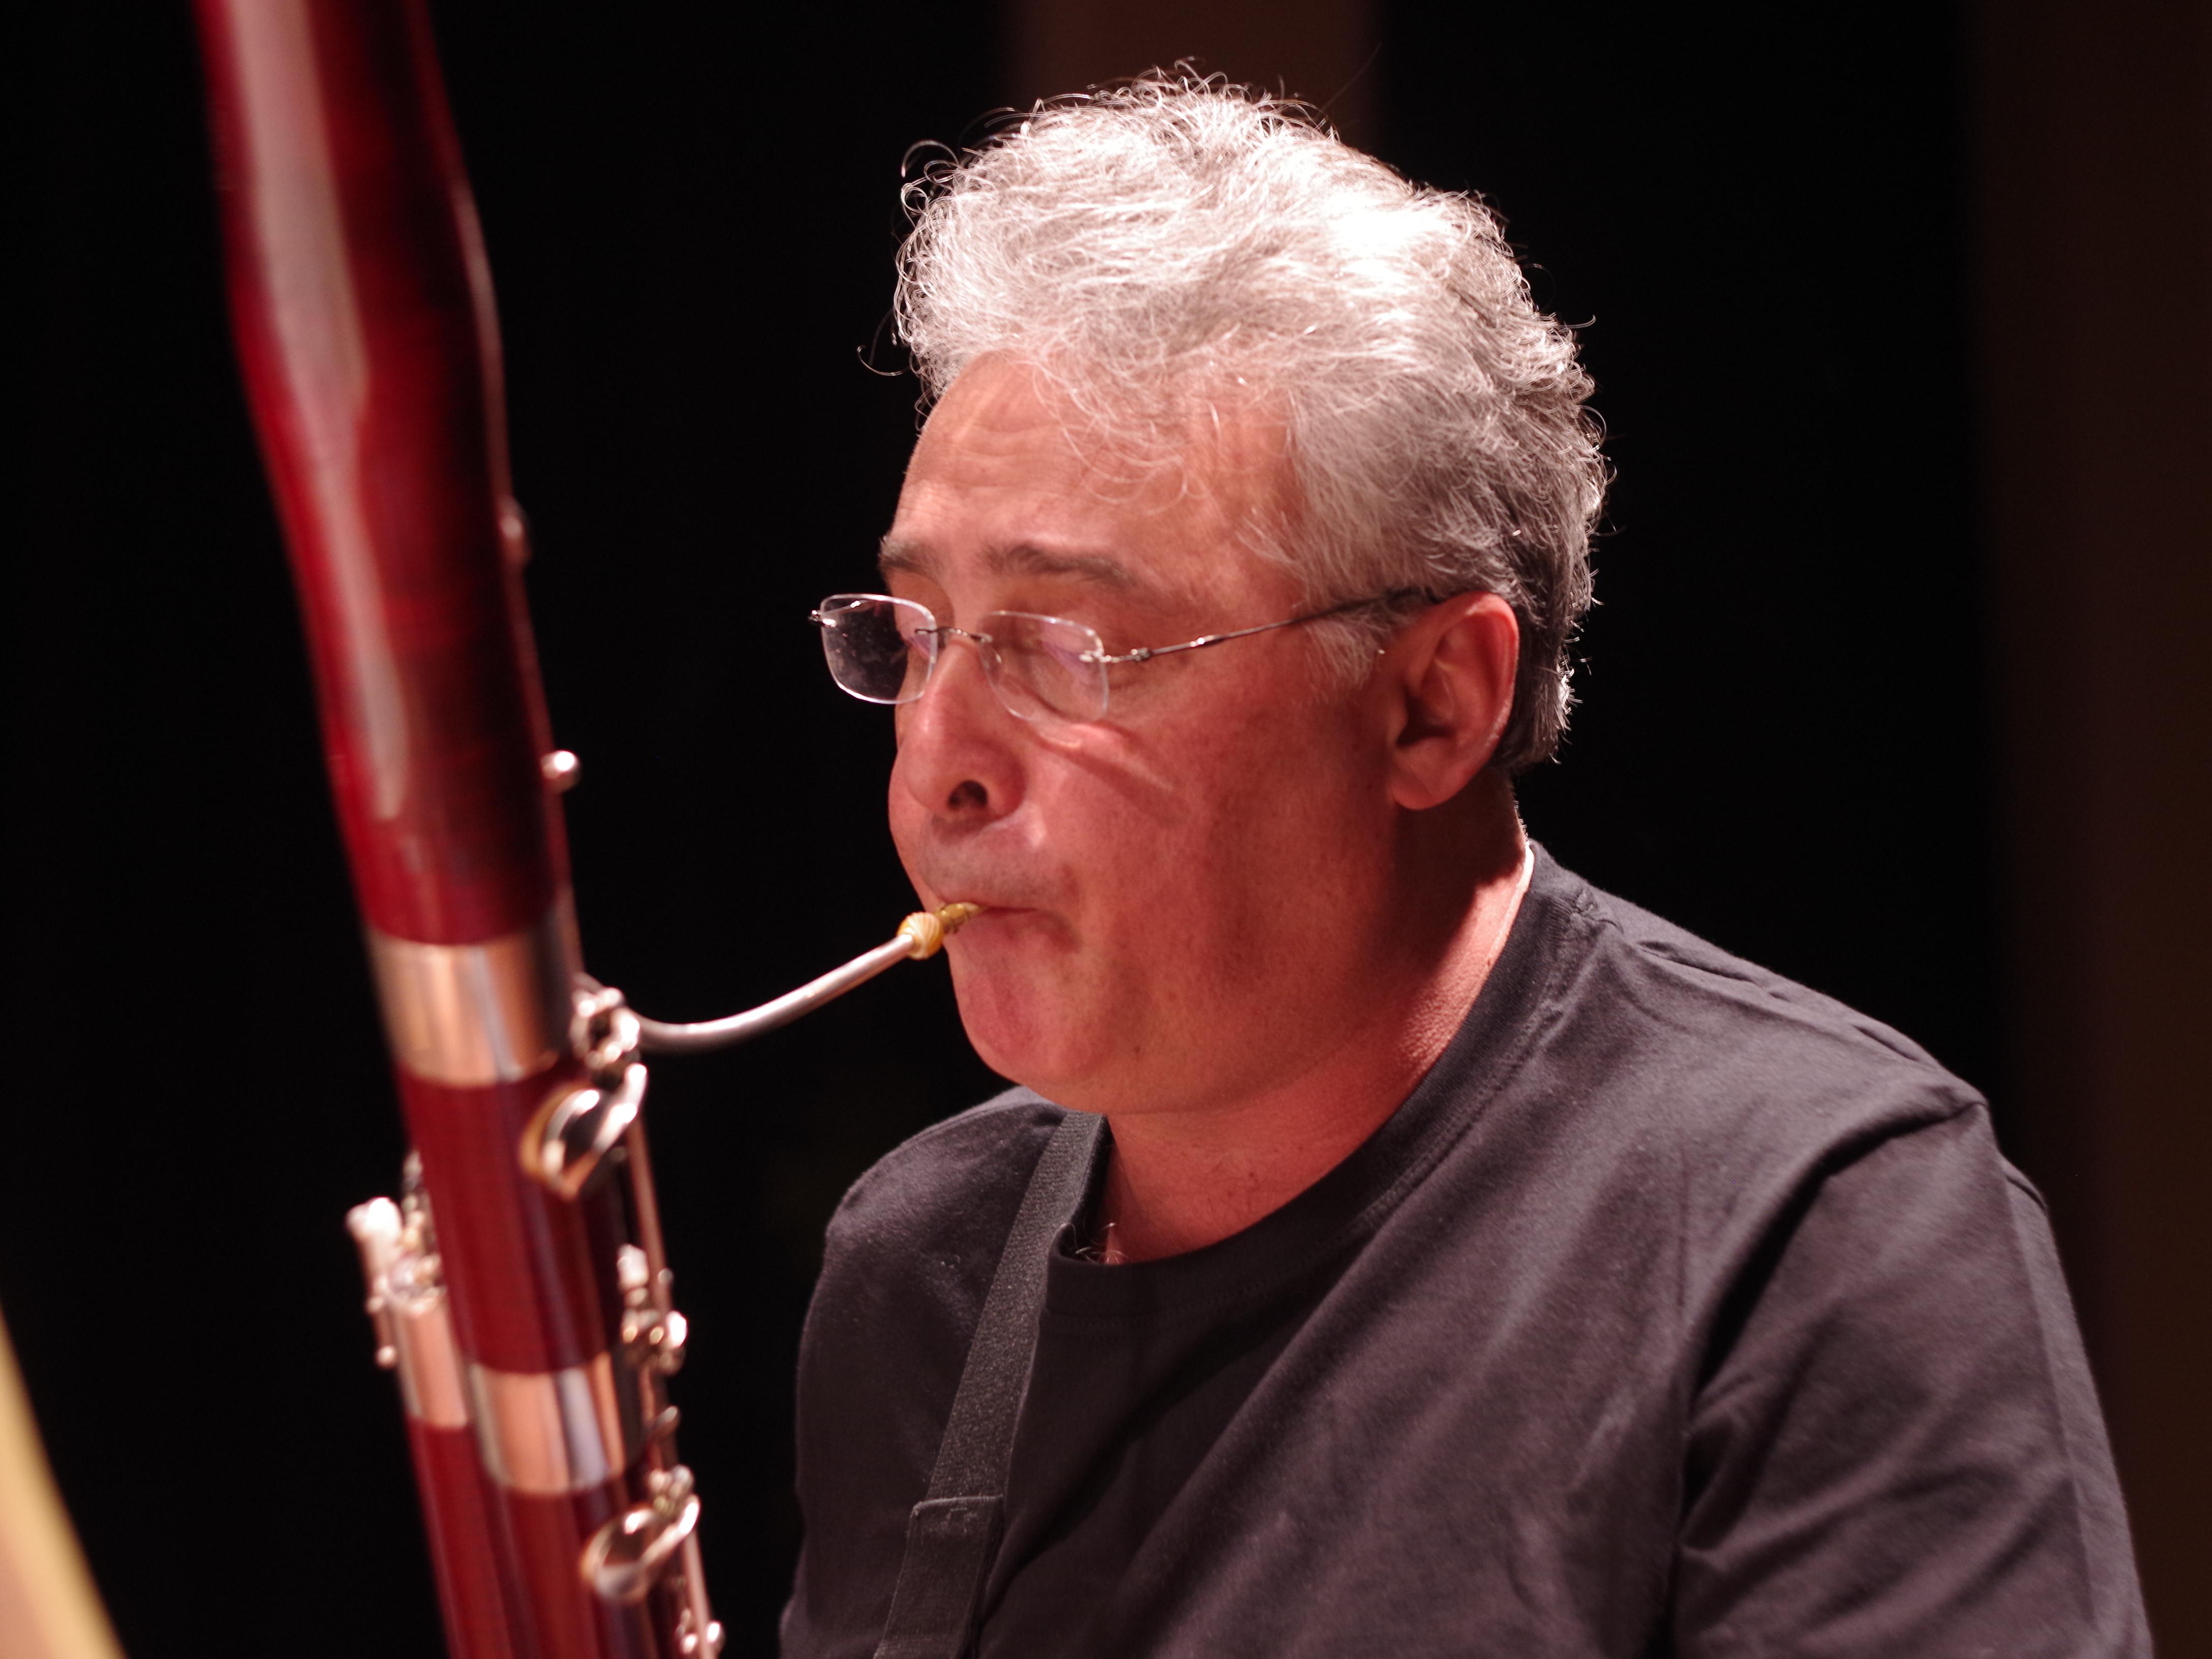 Francisco Formiga